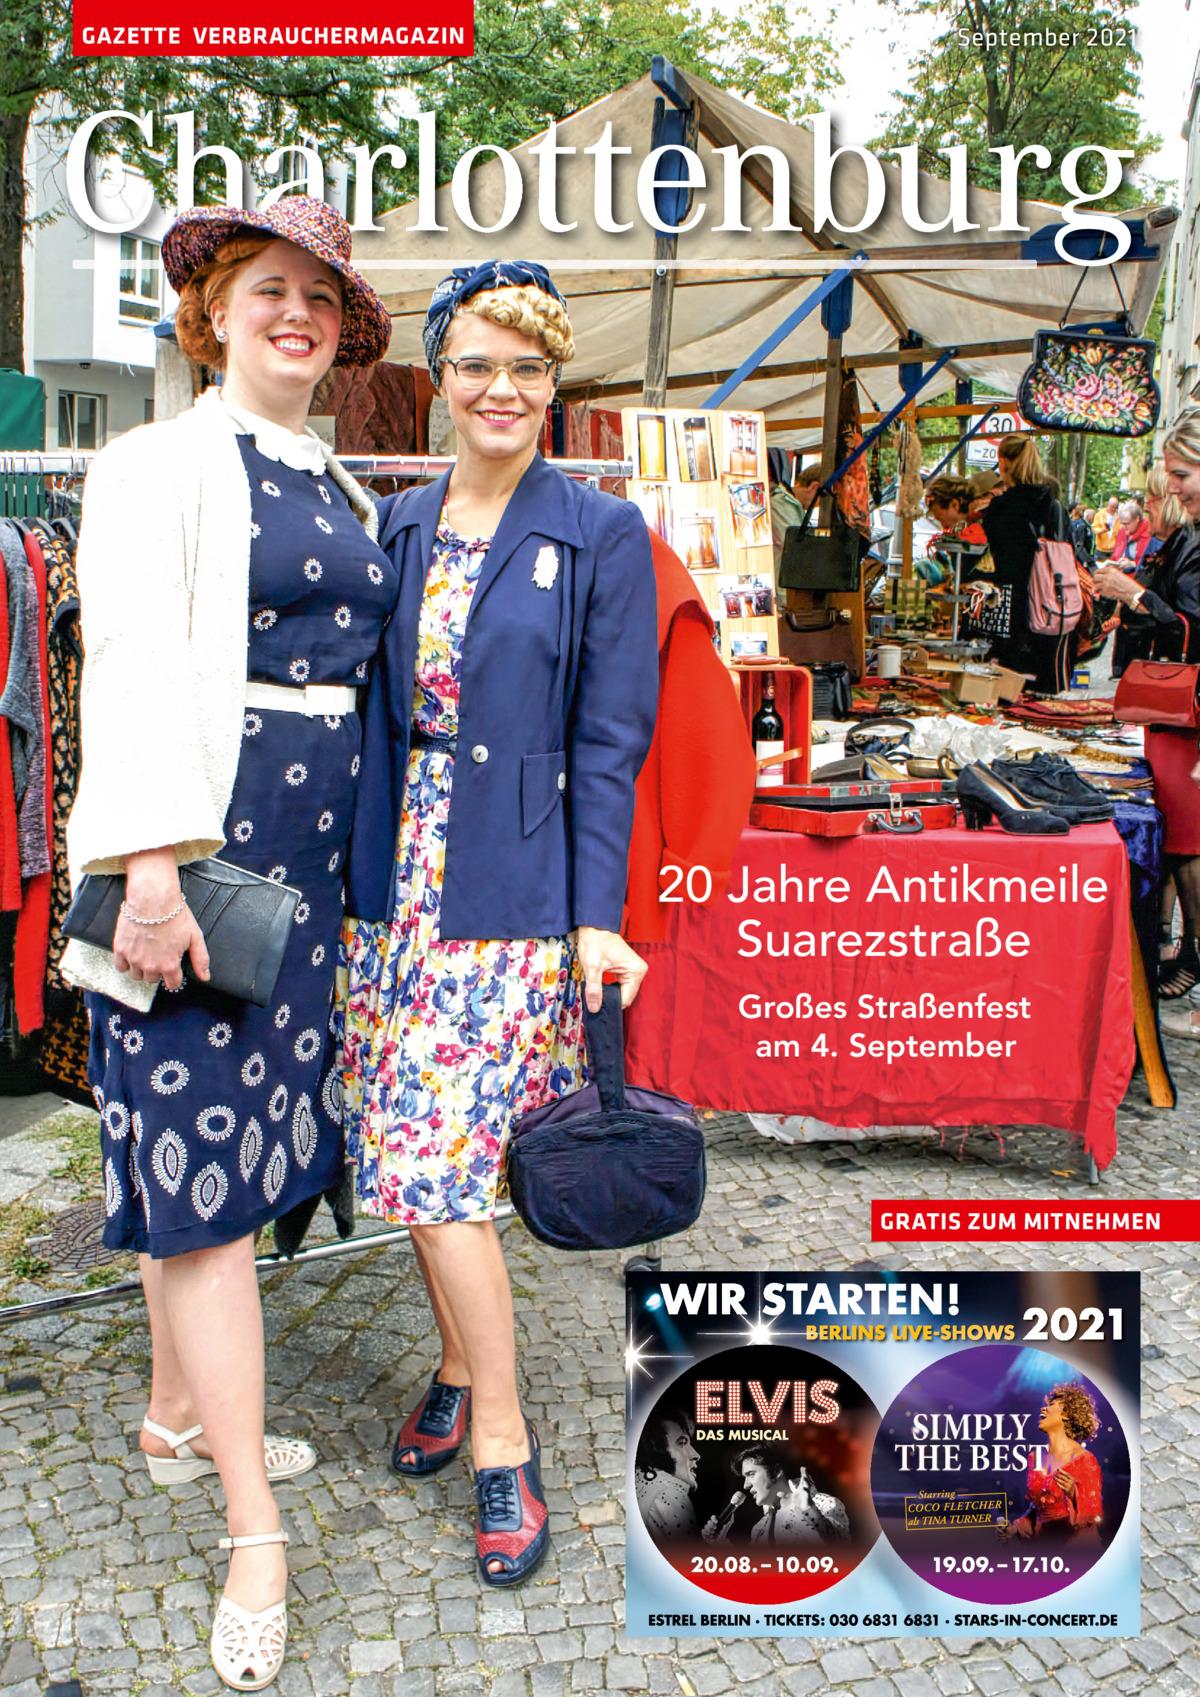 GAZETTE VERBRAUCHERMAGAZIN  September 2021  Charlottenburg  20Jahre Antikmeile Suarezstraße Großes Straßenfest am 4.September  GRATIS ZUM MITNEHMEN